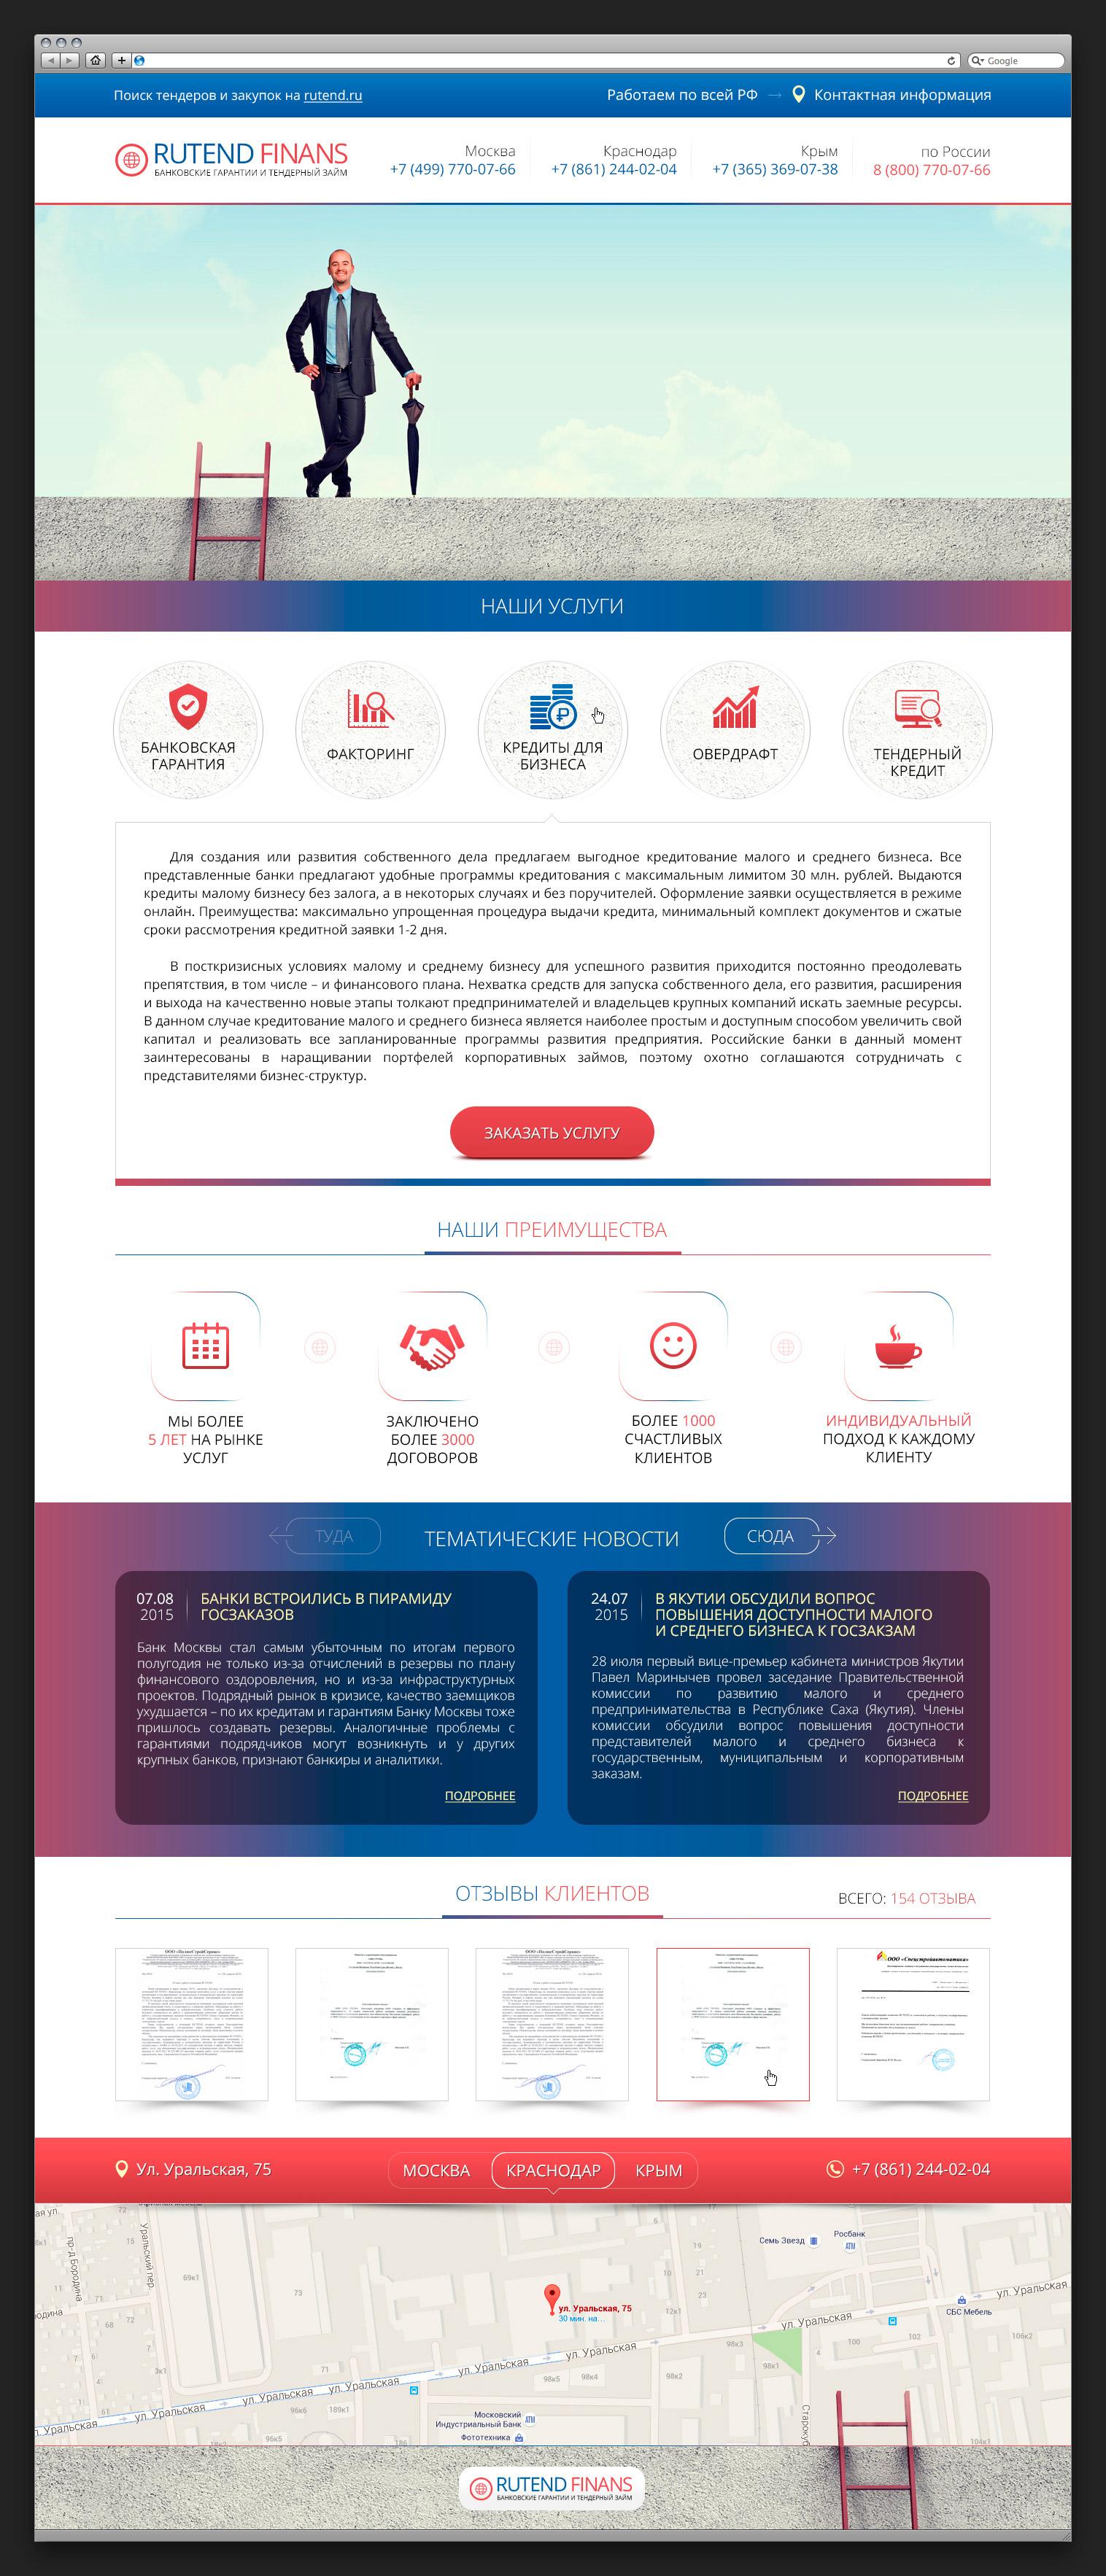 Проектирование, дизайн, вёрстка и интеграция посадочной страницы